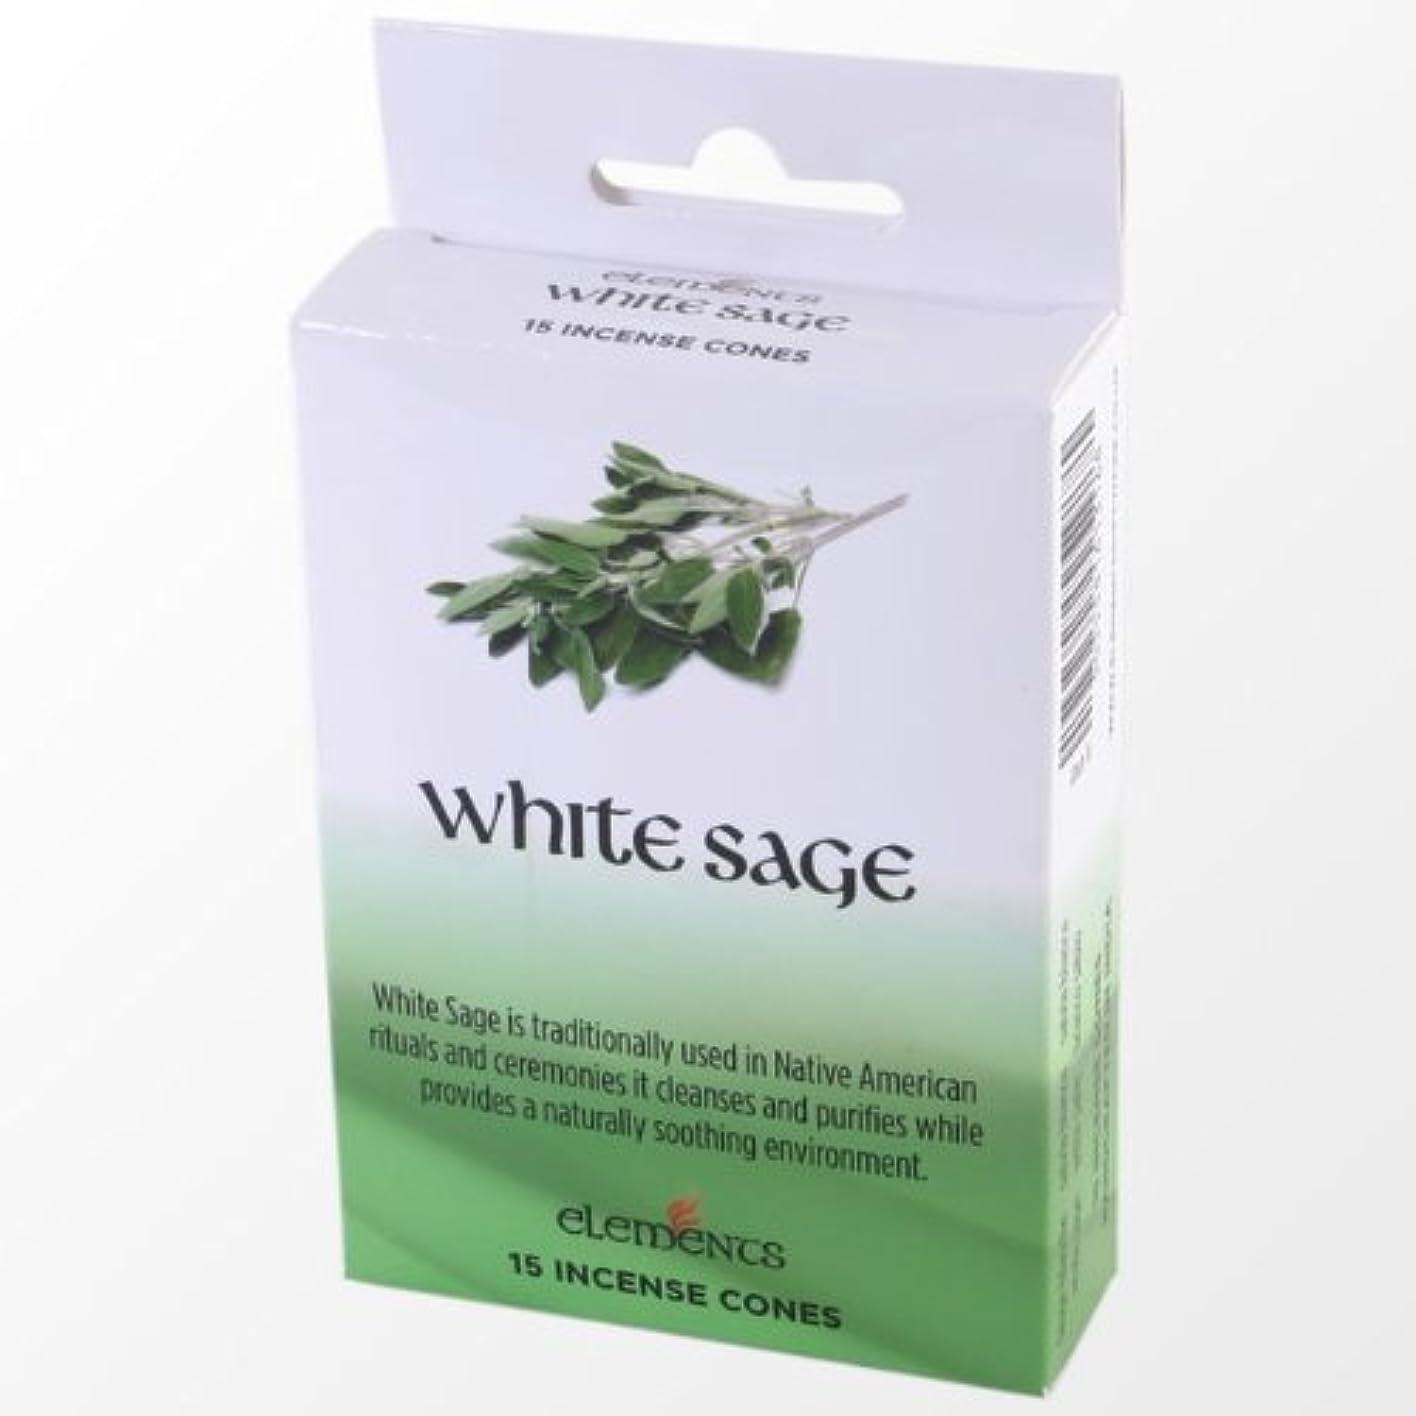 悲観主義者ランデブー怒って12 Packs Of Elements White Sage Incense Cones